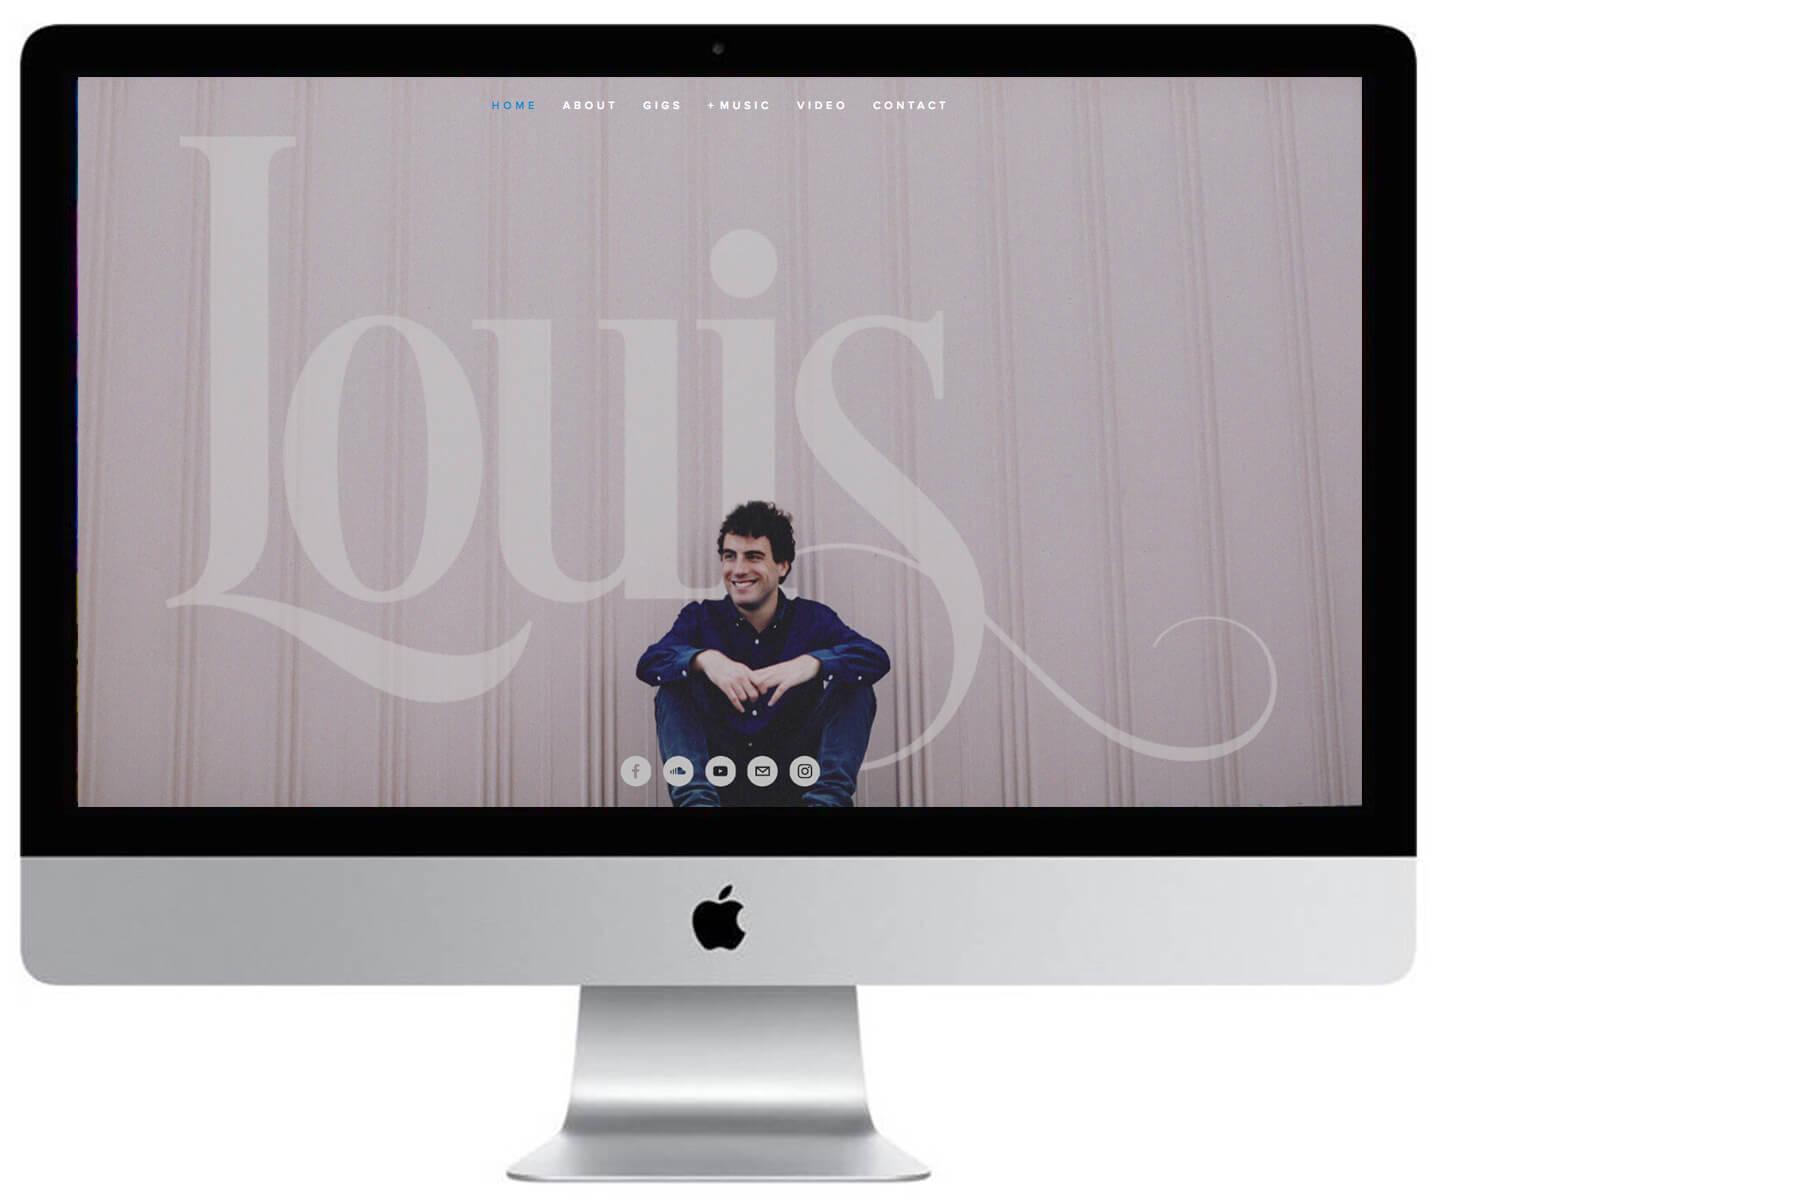 Louis_9.jpg